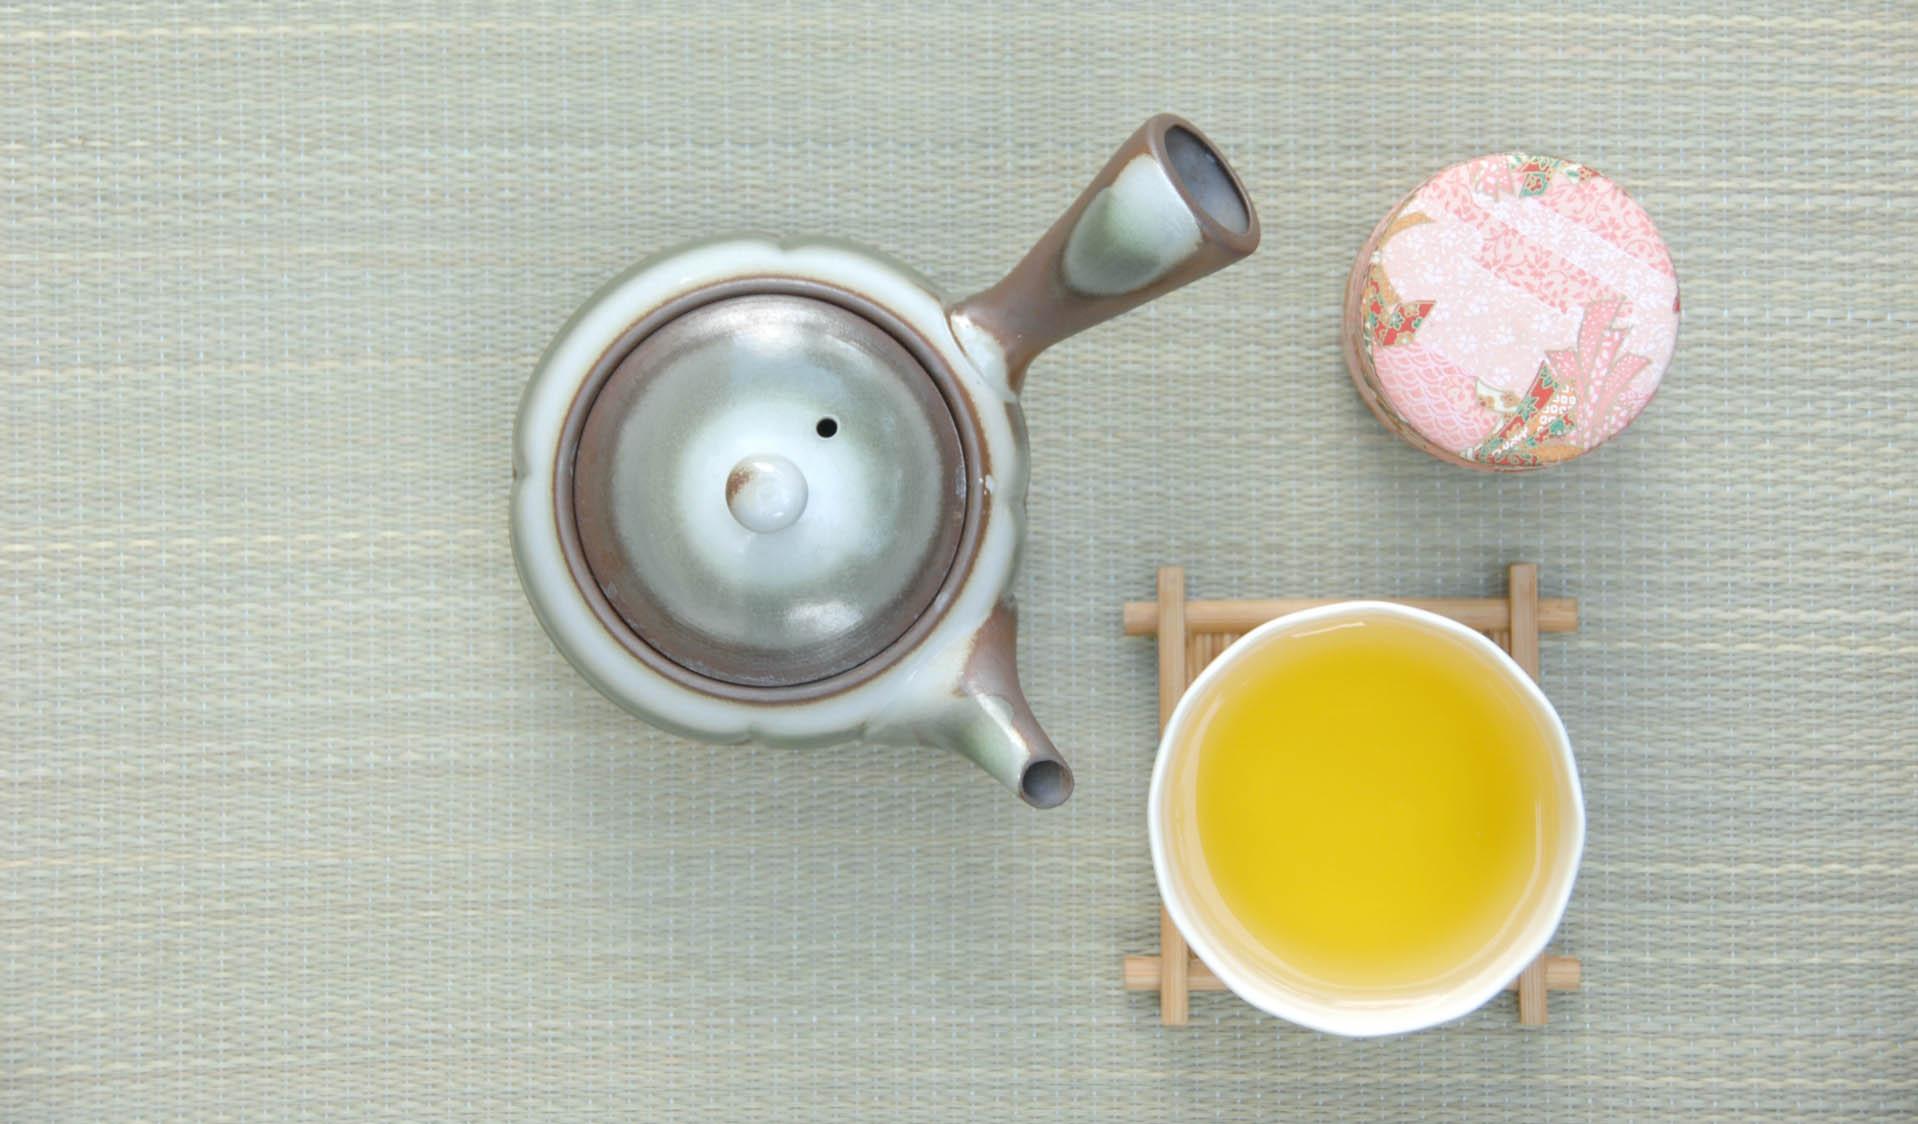 日本茶 狭山茶の正しい淹れ方